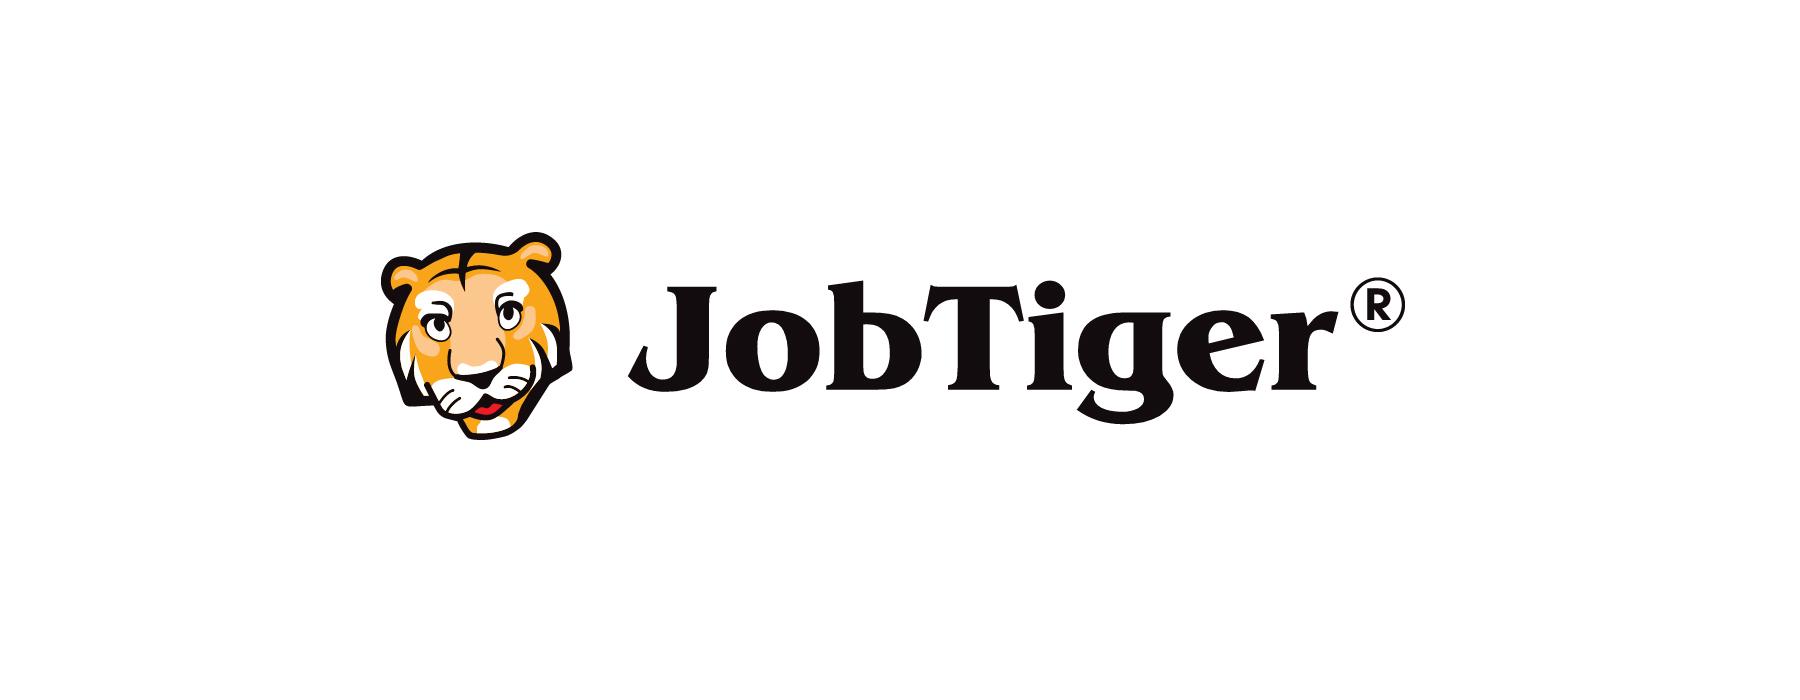 20 години JobTiger - 20 години иновации в областта на човешките ресурси онлайн